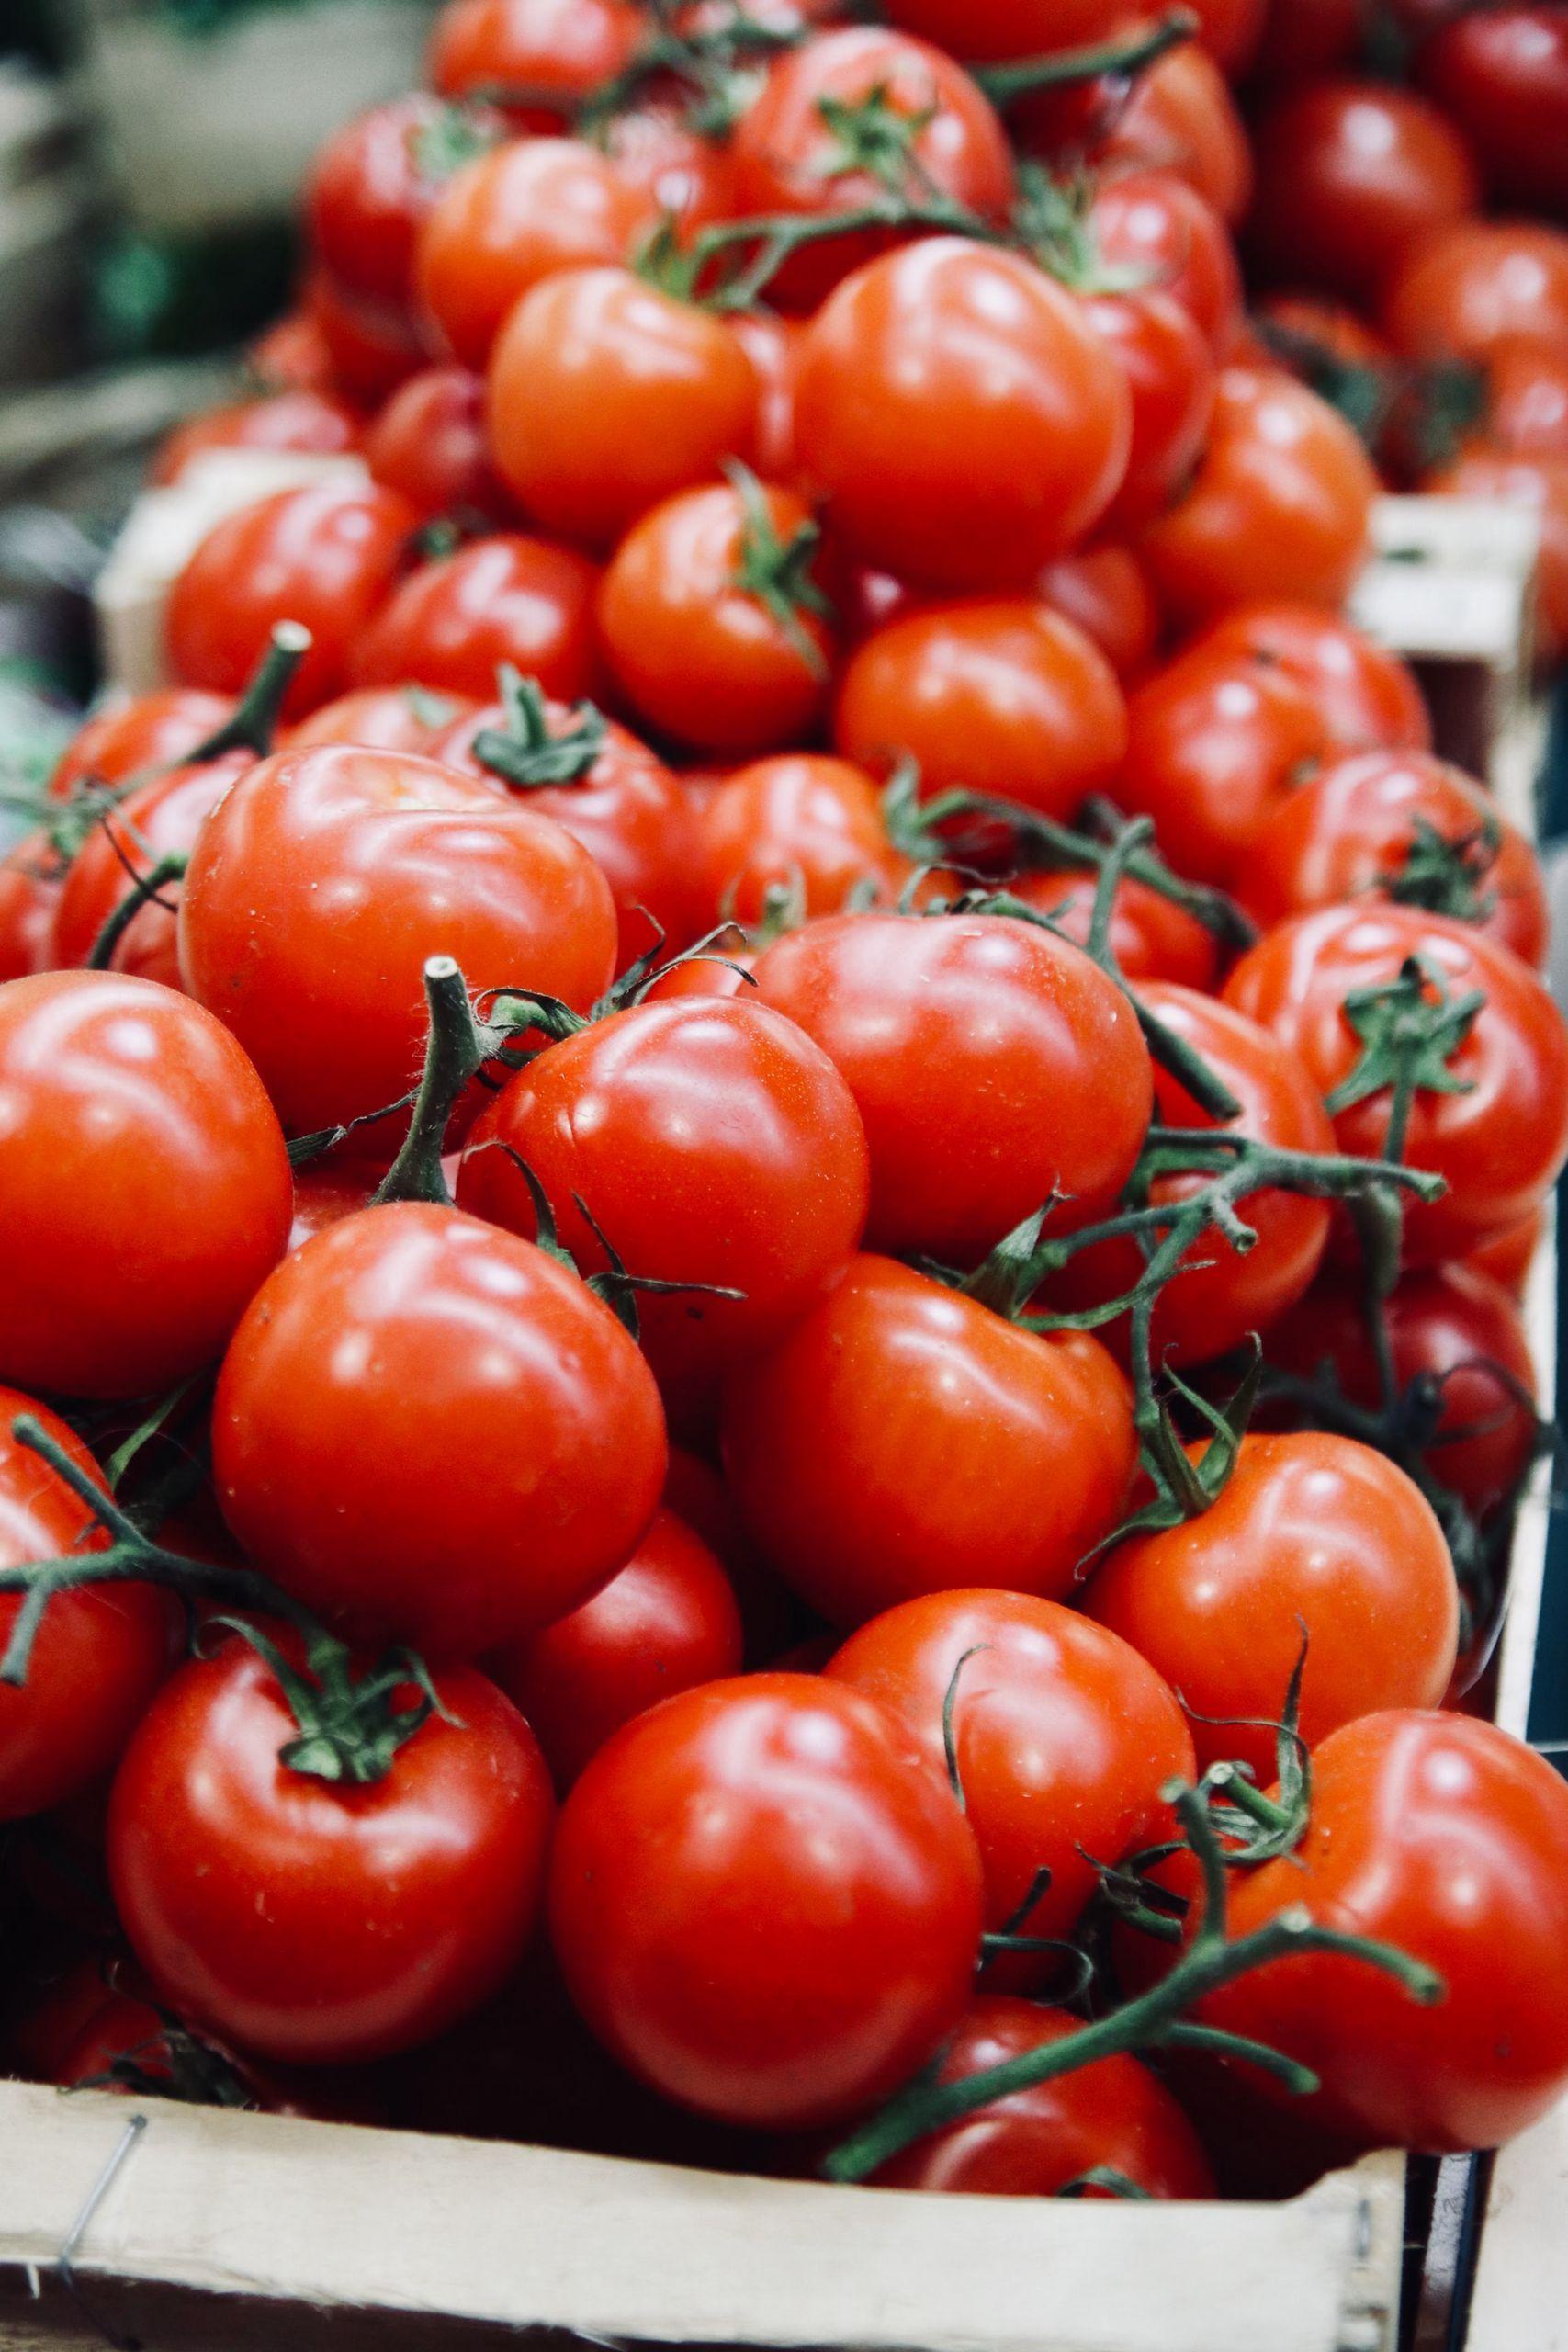 满屏的西红柿唯美摄影图片